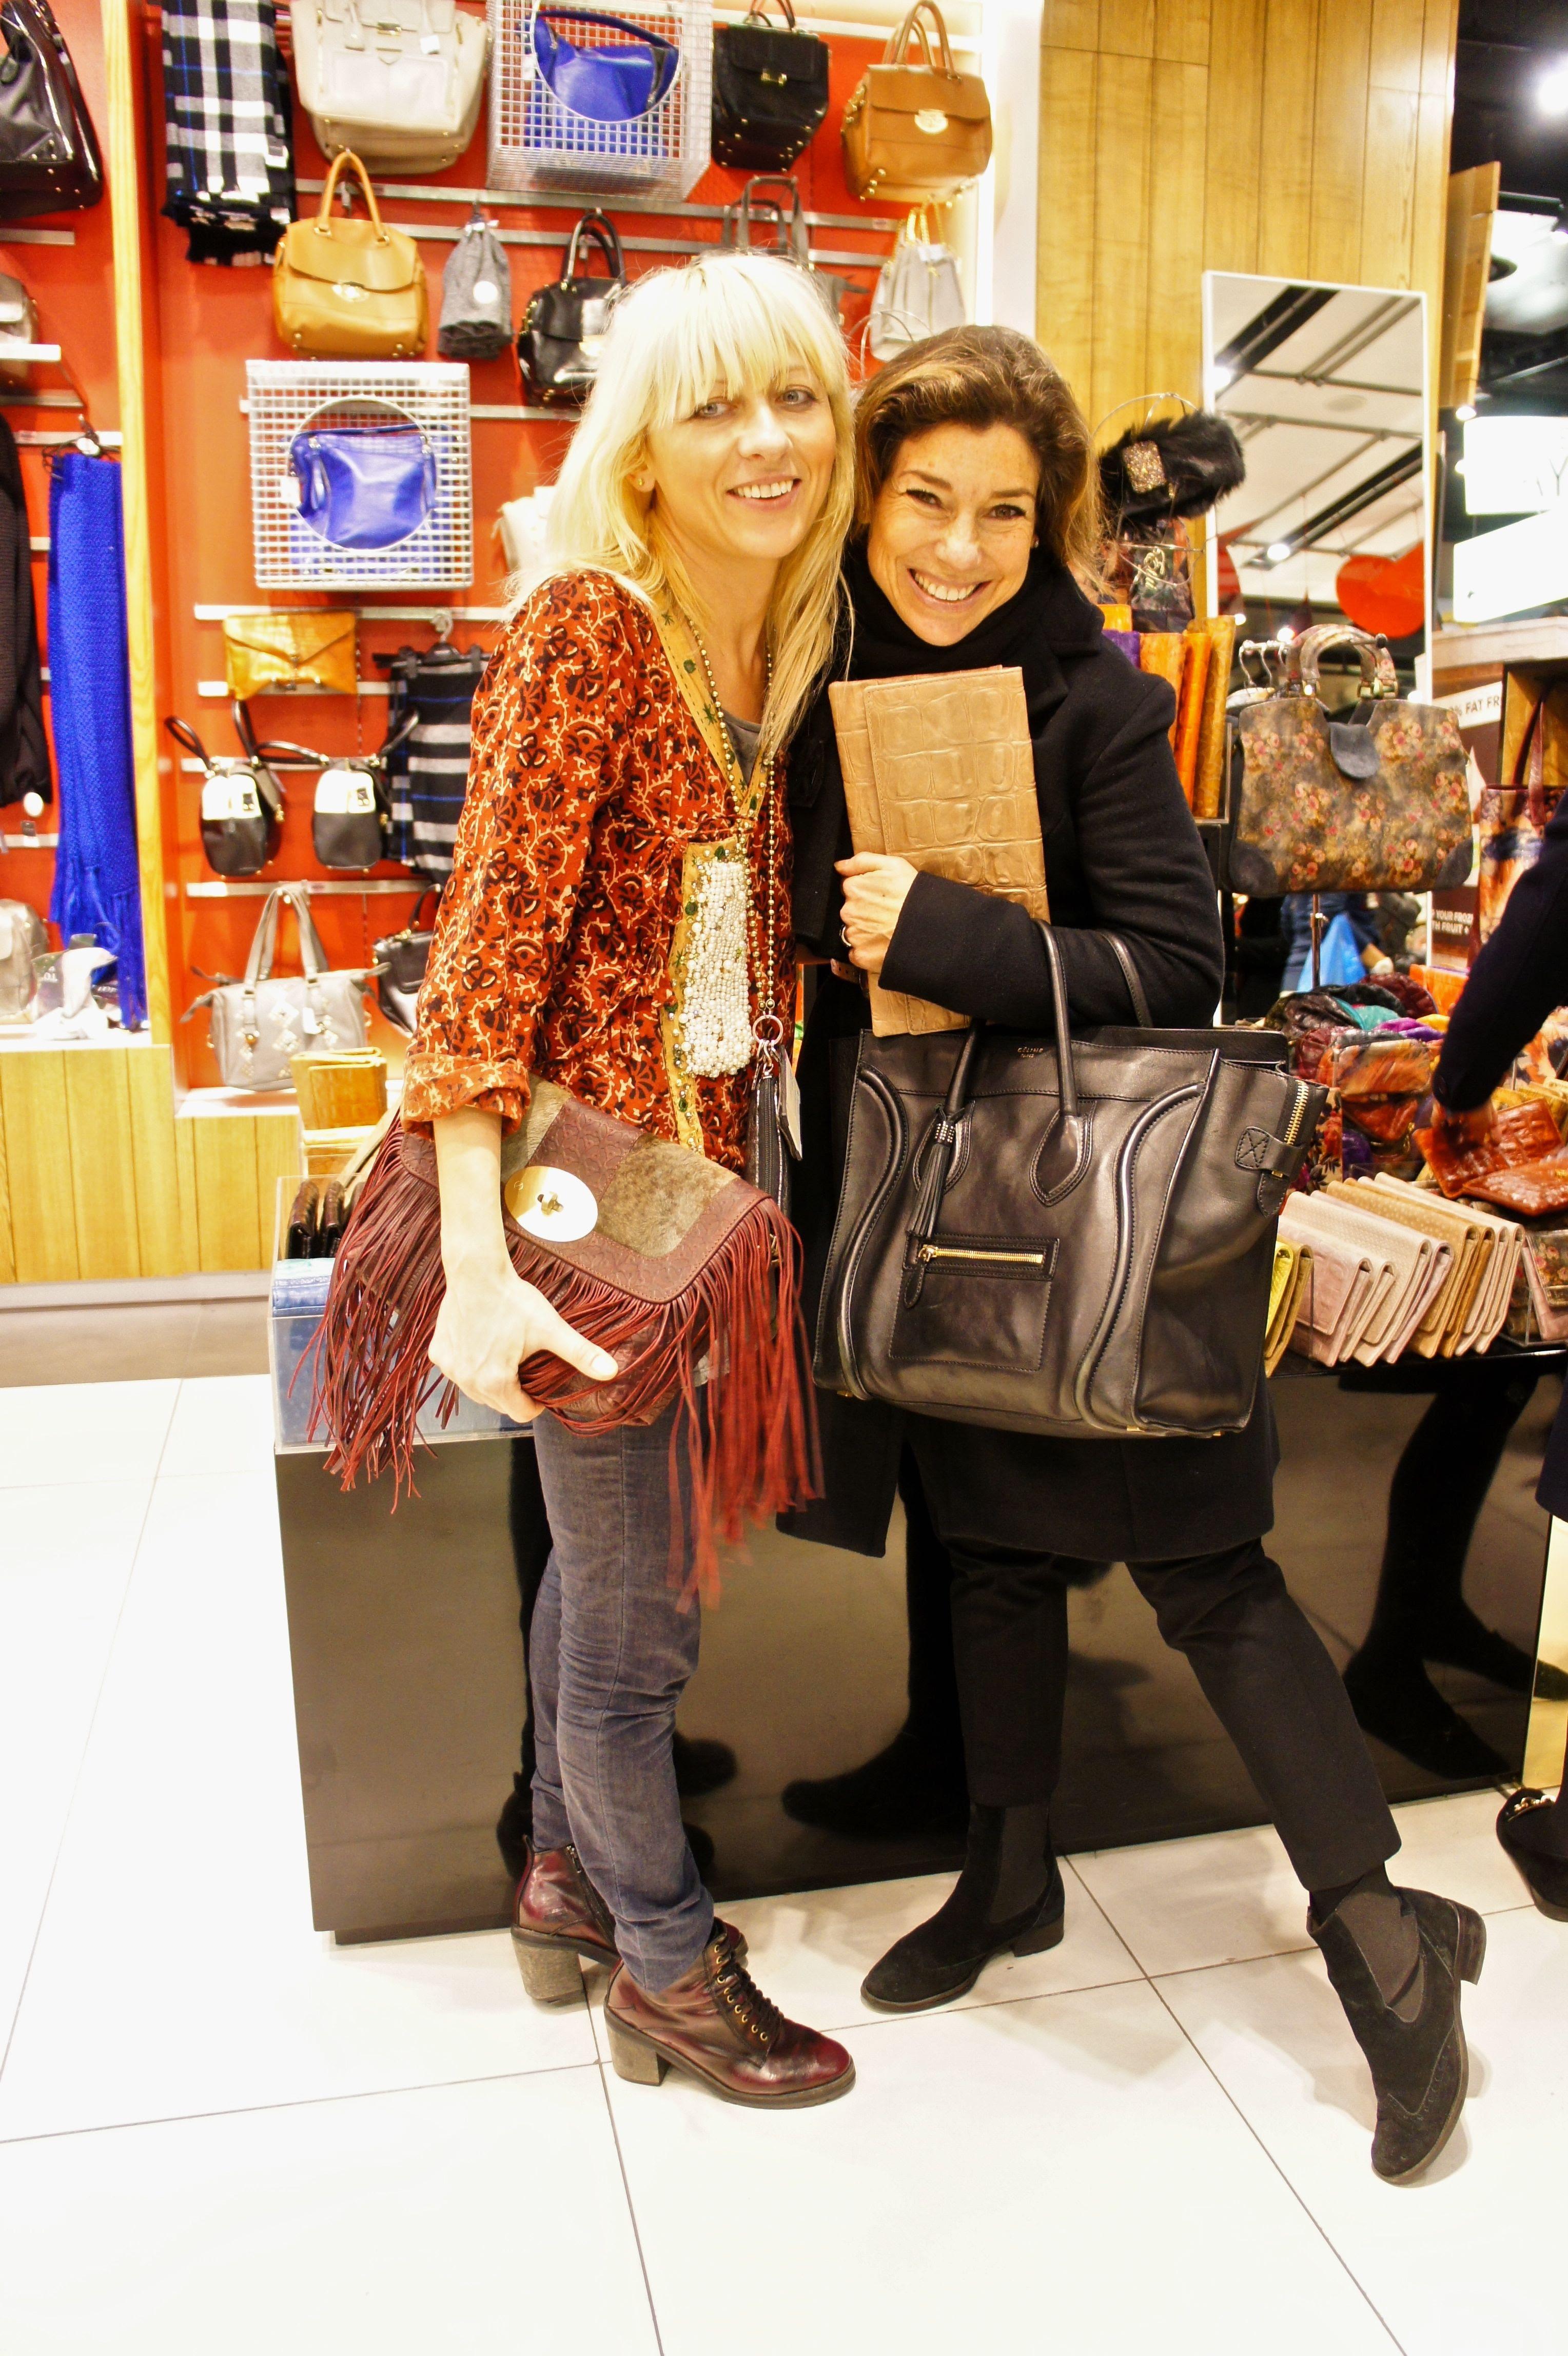 Etui é uma marca que faz bolsas e clutches lindos a ótimos preços!  Fica na Topshop.  Comigo está a estilista.